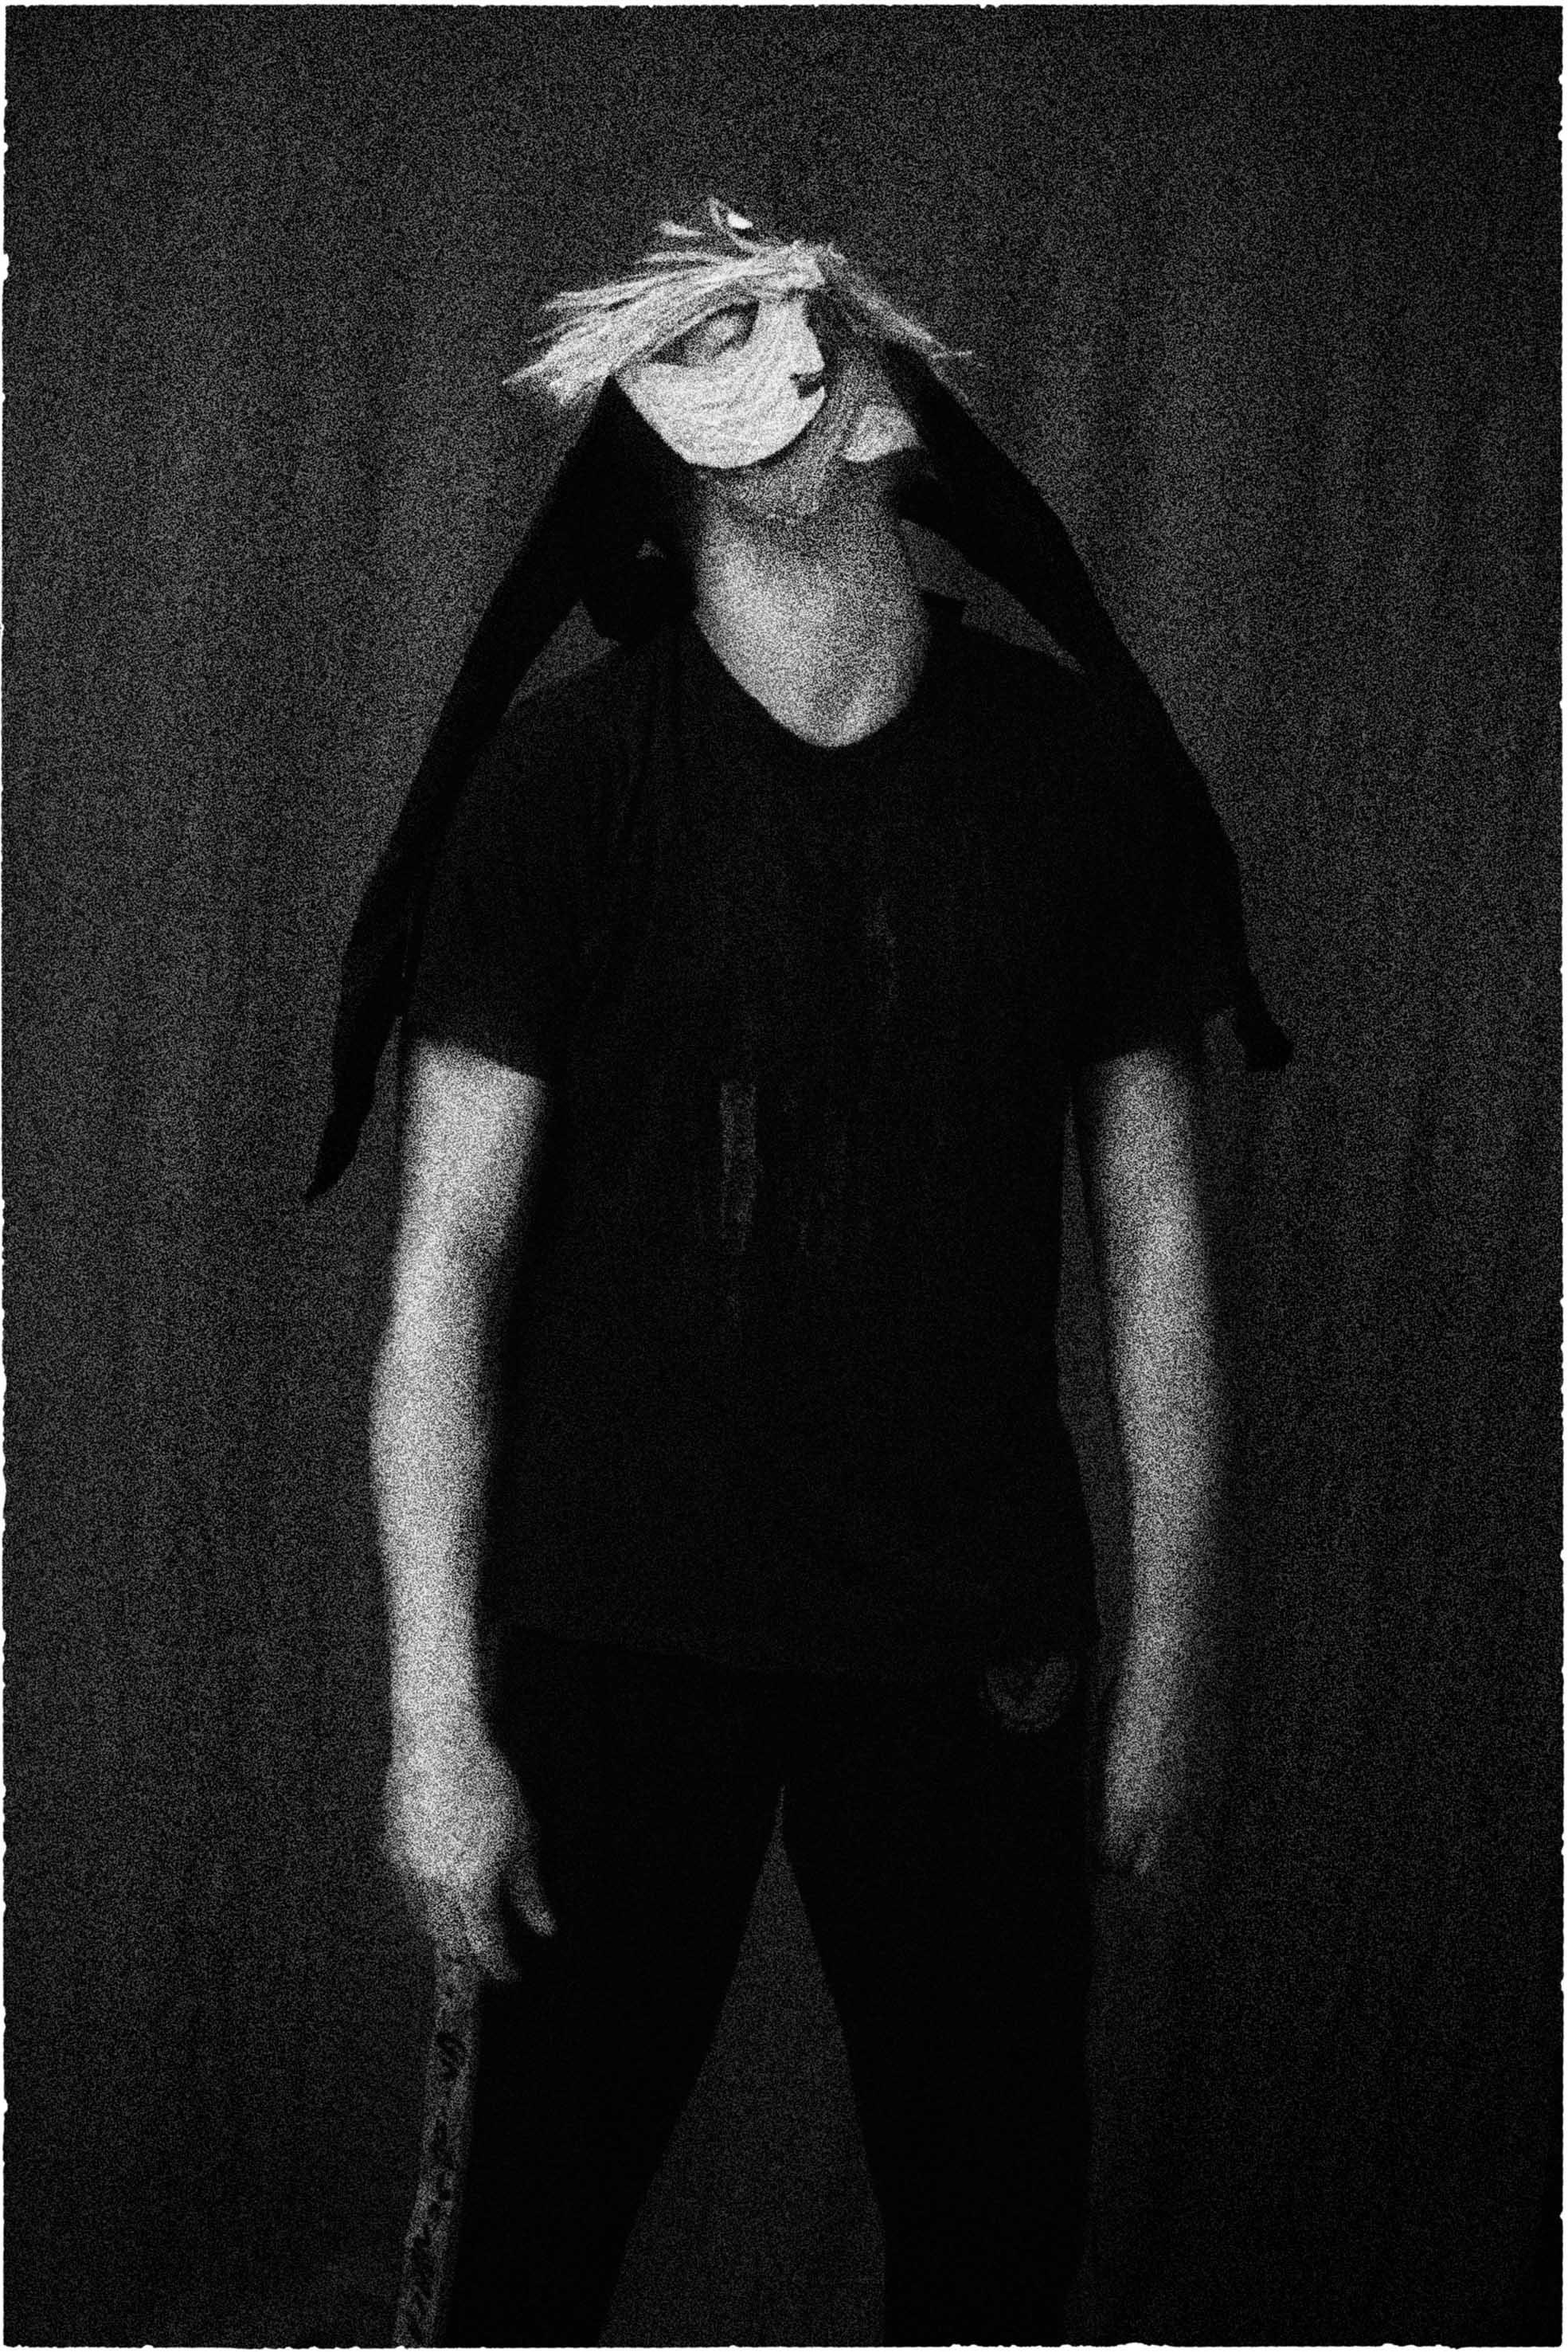 Nathalie Baetens, Le hibou, 2014 Copyright Nathalie Baetens, avec l'aimable autorisation de Galerie L'œil pense